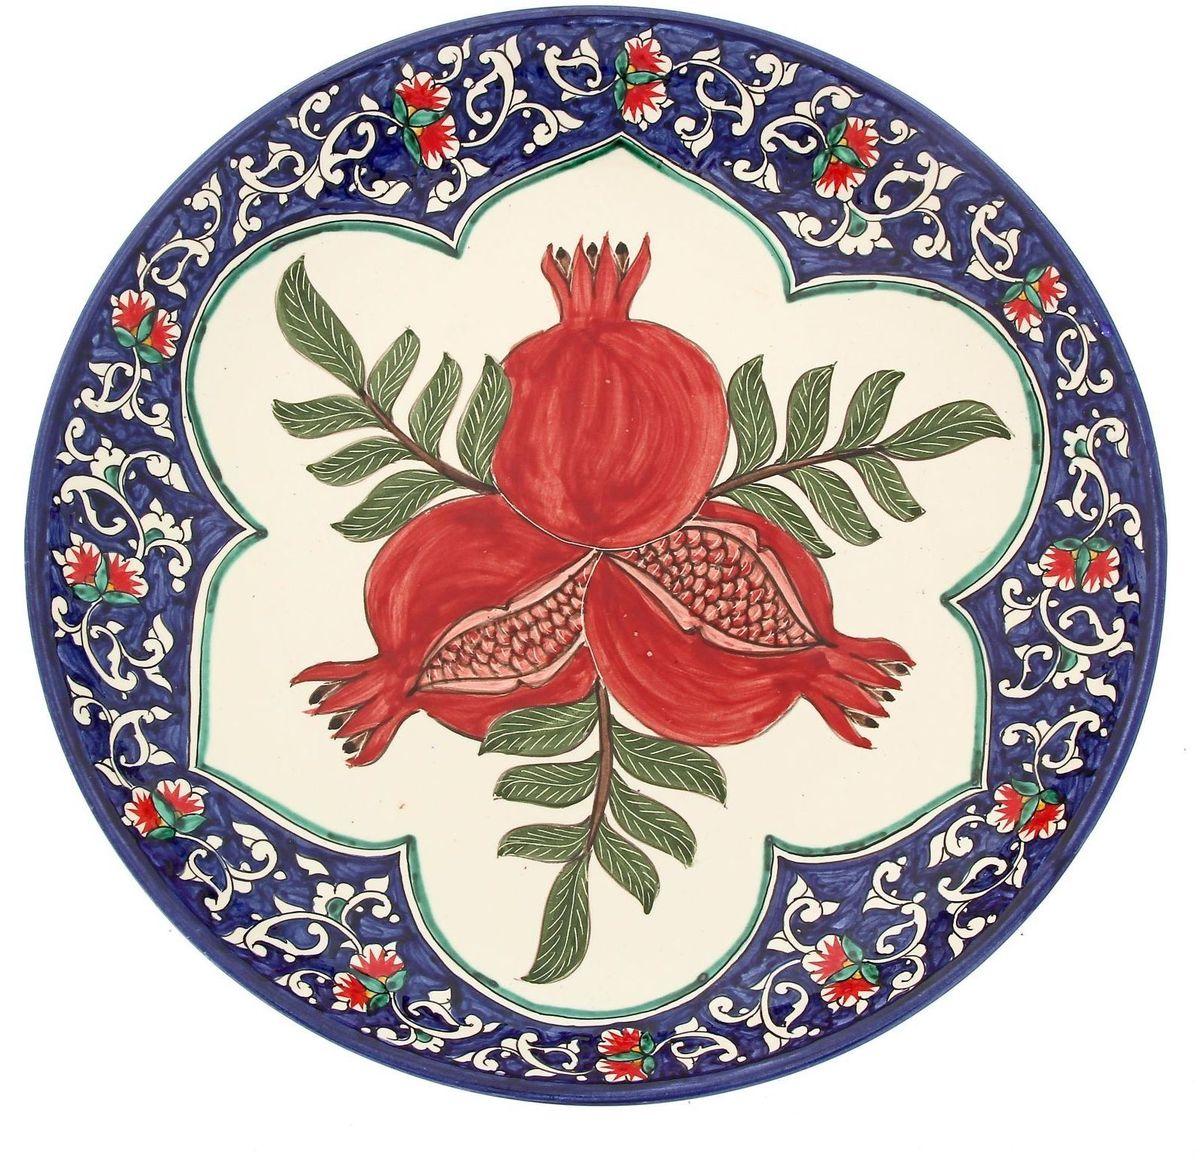 Ляган Риштанская керамика Три граната, диаметр 31 см1924231Ляган — это не просто обеденный атрибут, это украшение стола. Посуда с национальной росписью станет отменным подарком для ценителей высокородной посуды.Риштан — город на востоке Узбекистана, один из древнейших в Ферганской долине. С давних времён Риштан славится своим гончарным искусством изготовления цветной керамики. Красноватую глину для изделия добывают в самом городе. Мастера утверждают, что их глина настолько высокого качества, что даже не нуждается в предварительной обработке. Дополните коллекцию кухонных аксессуаров пряными восточными нотами.